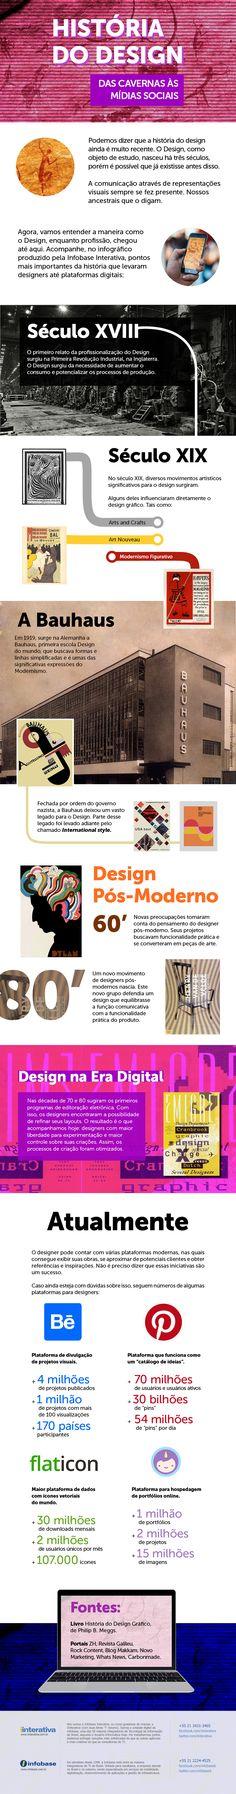 Conheça a história do Design que o levaram à sua evolução das cavernas às redes sociais nesse infográfico preparado pela agência iinterativa.